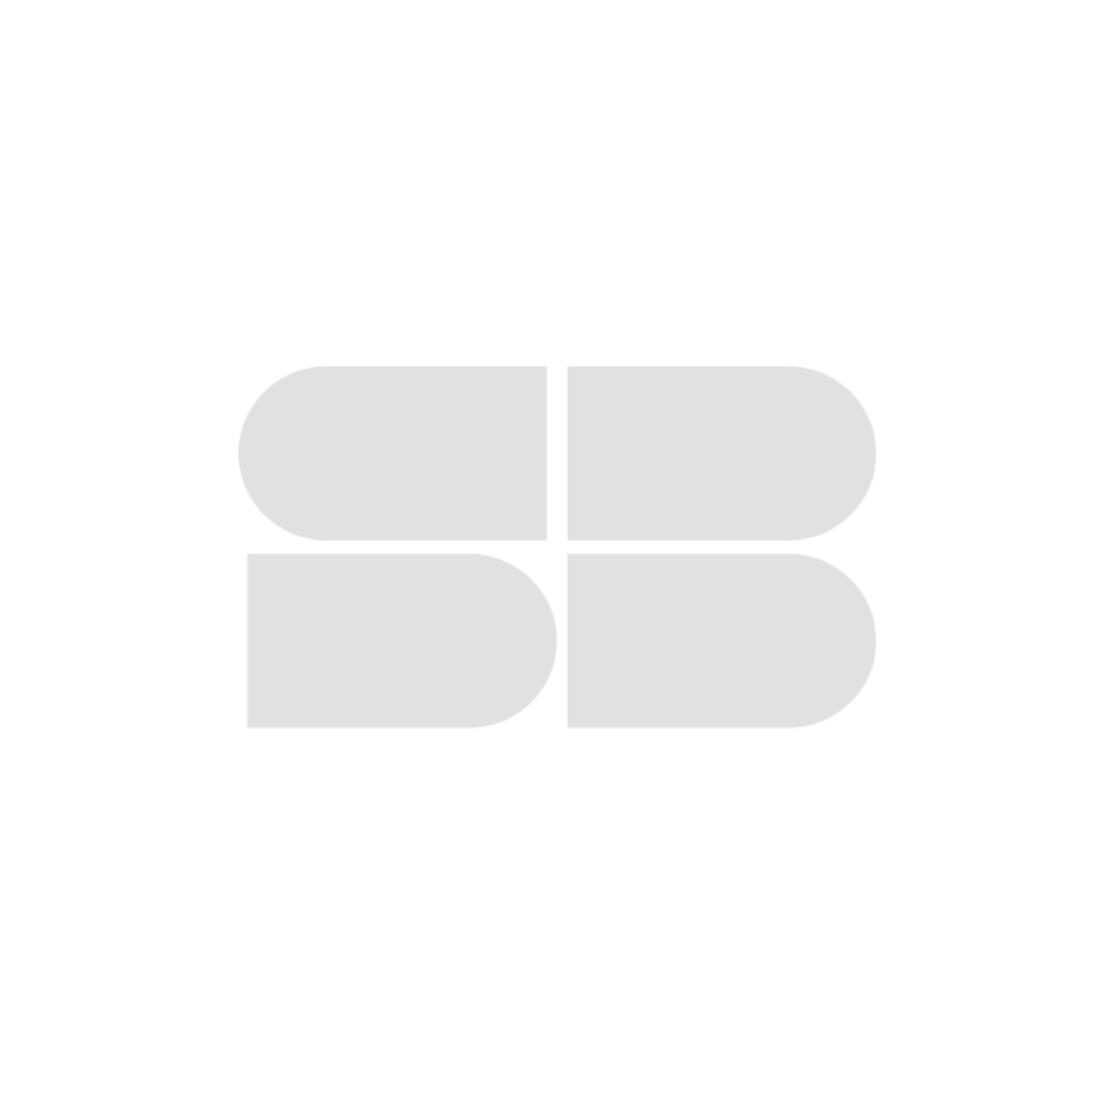 39014389-appliances-kitchen-appliances-refrigerators-01